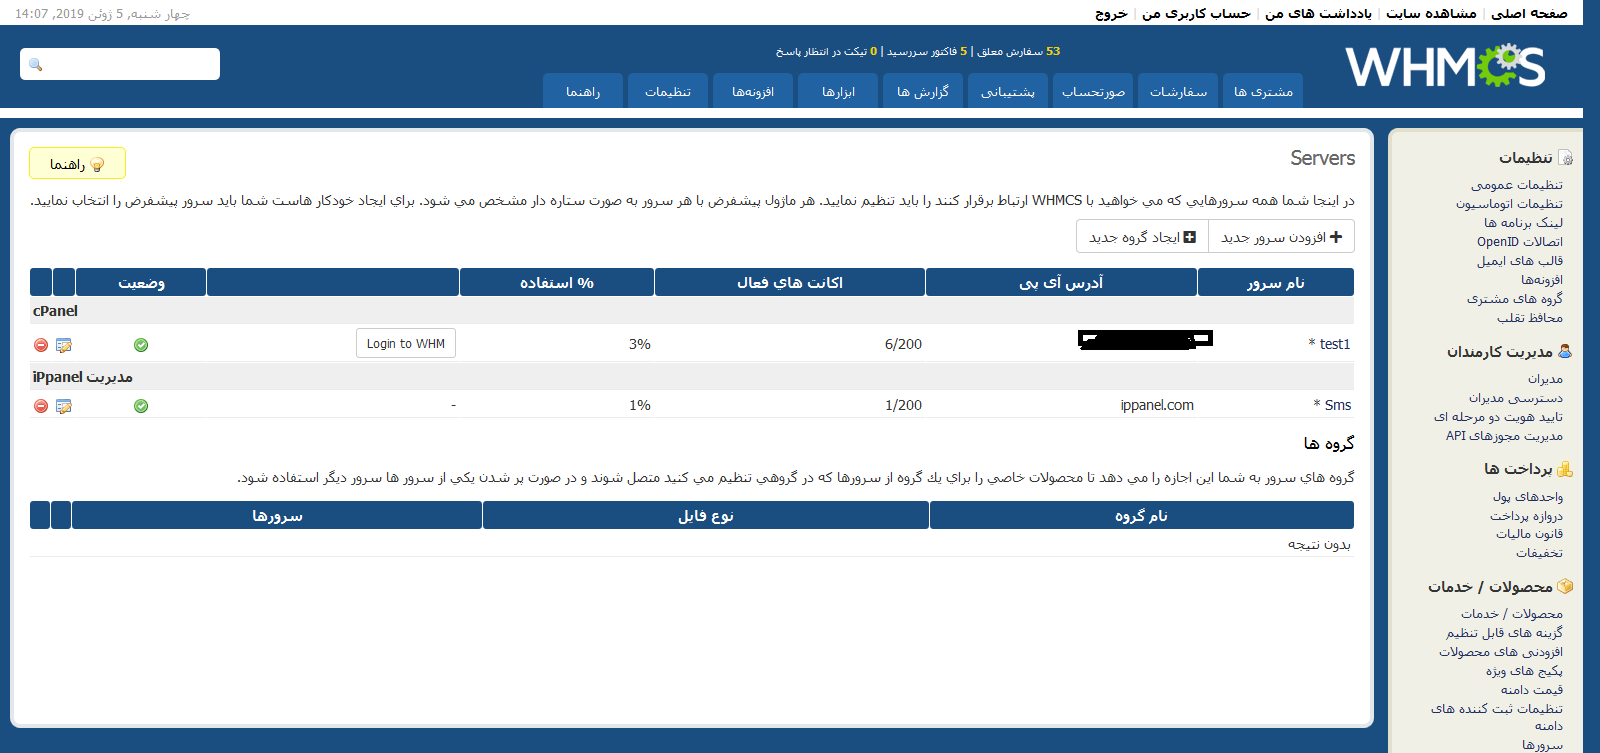 اضافه شدن ماژول به عنوان سرور